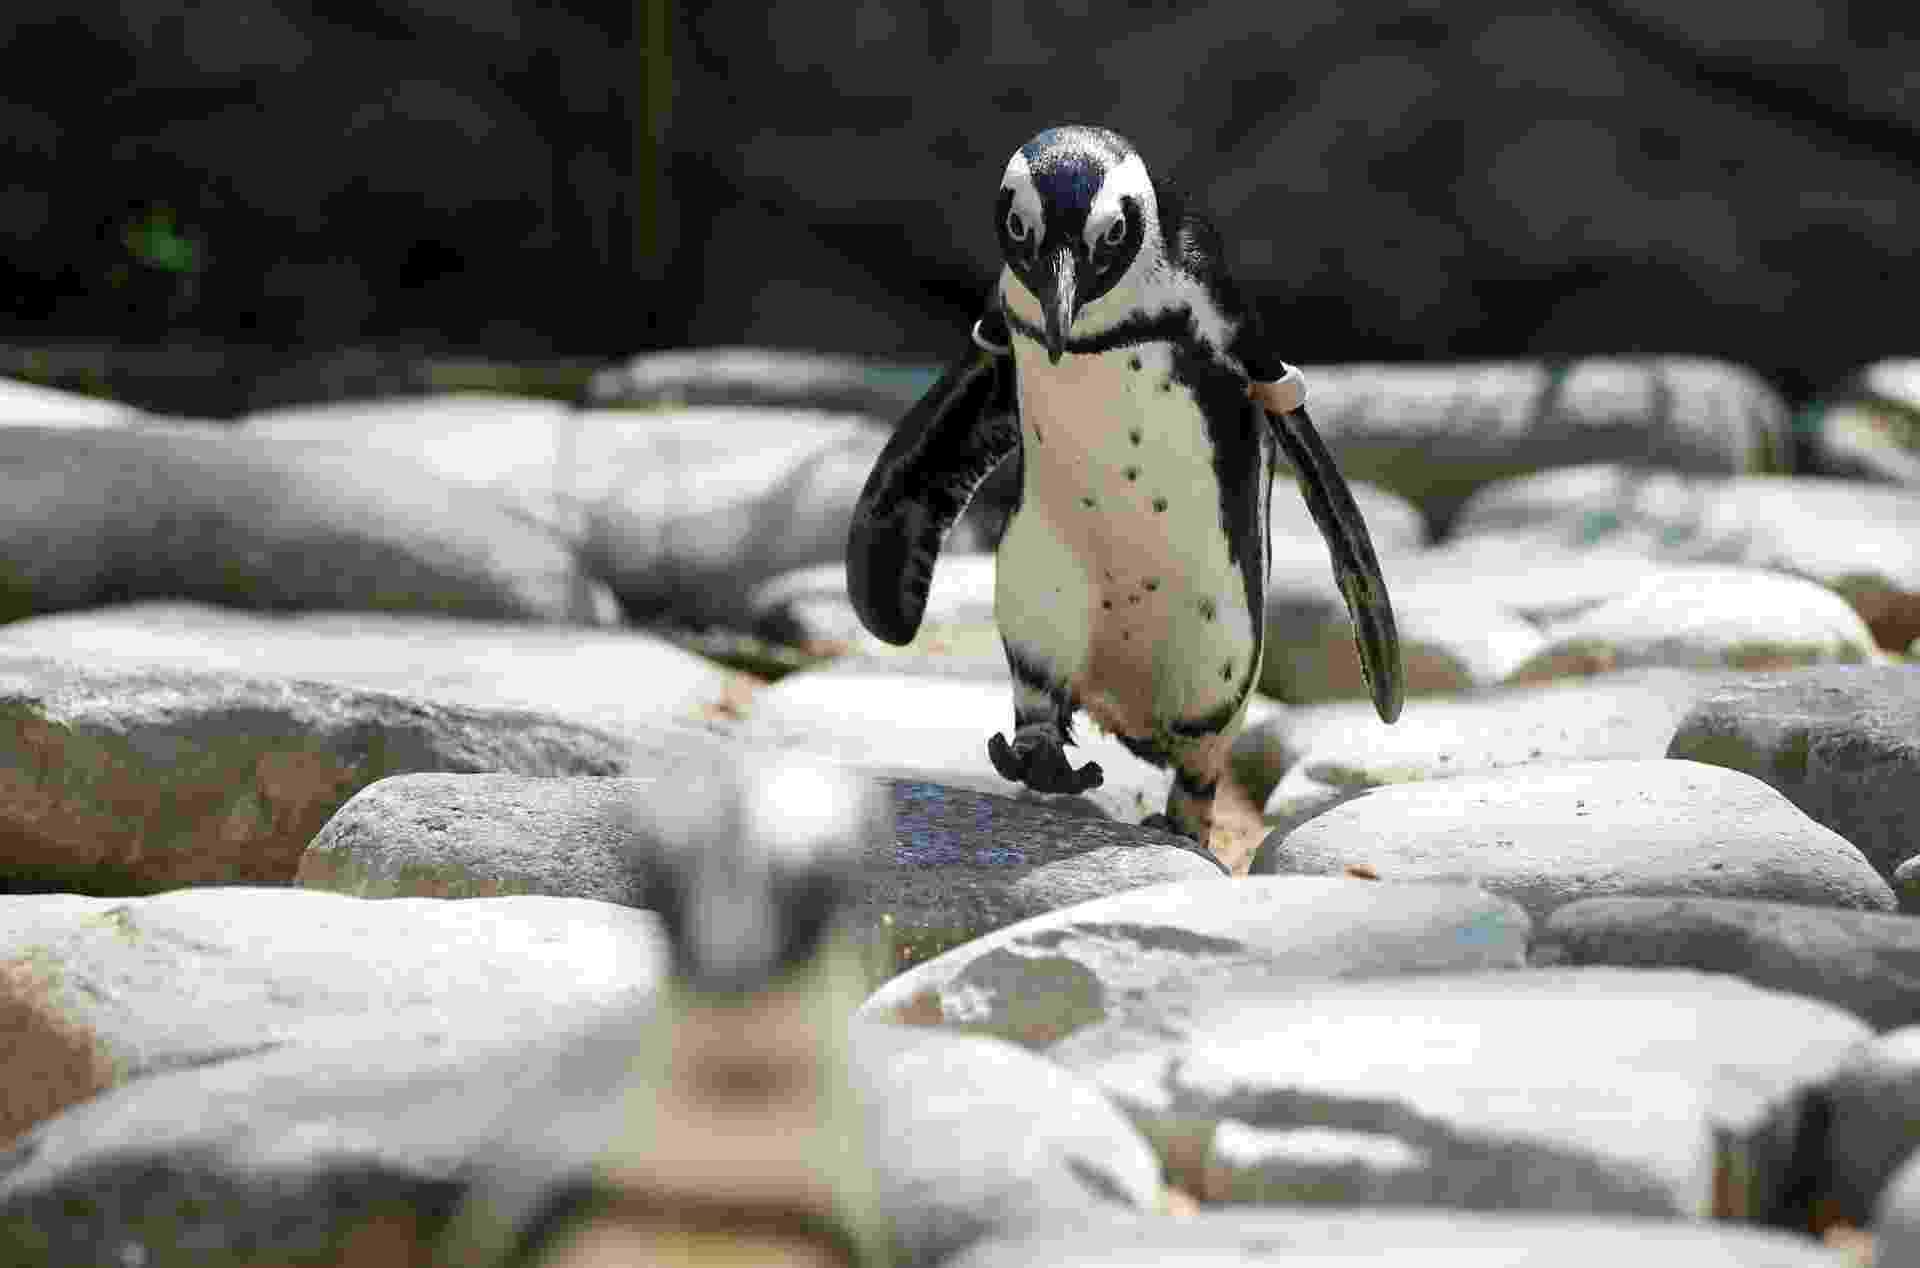 ANDAR DESENGONÇADO - Não se sabe ao certo por que os pinguins possuem andar desengonçado. Eles andam equelibrando o peso nos pés direito e esquerdo. Segundo cientistas, os ancestrais dos pinguins andavam de forma mais elegante. Mas, à medida que as aves começaram a se movimentar mais na água, perderam as habilidades em terra. Existem registros fósseis de pinguins gigantes que viveram há 37 milhões de anos. Ossadas encontradas na Antártida indicam que esses mega-pinguins podiam alcançar a altura de 2 metros e pesar até 115 kg - David Mdzinarishvili/Reuters